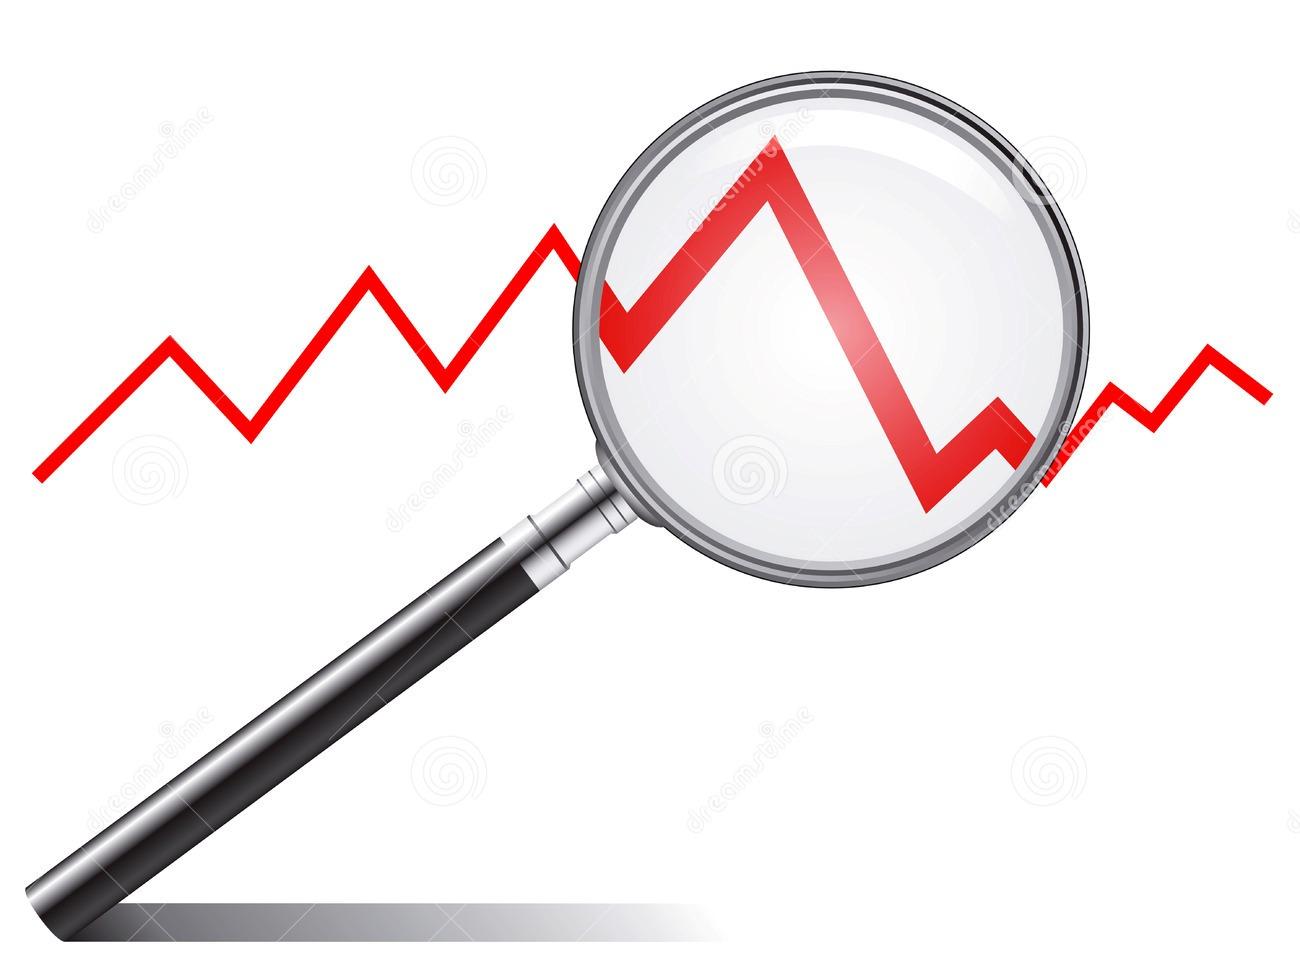 Calculadora de precios de opciones binarias